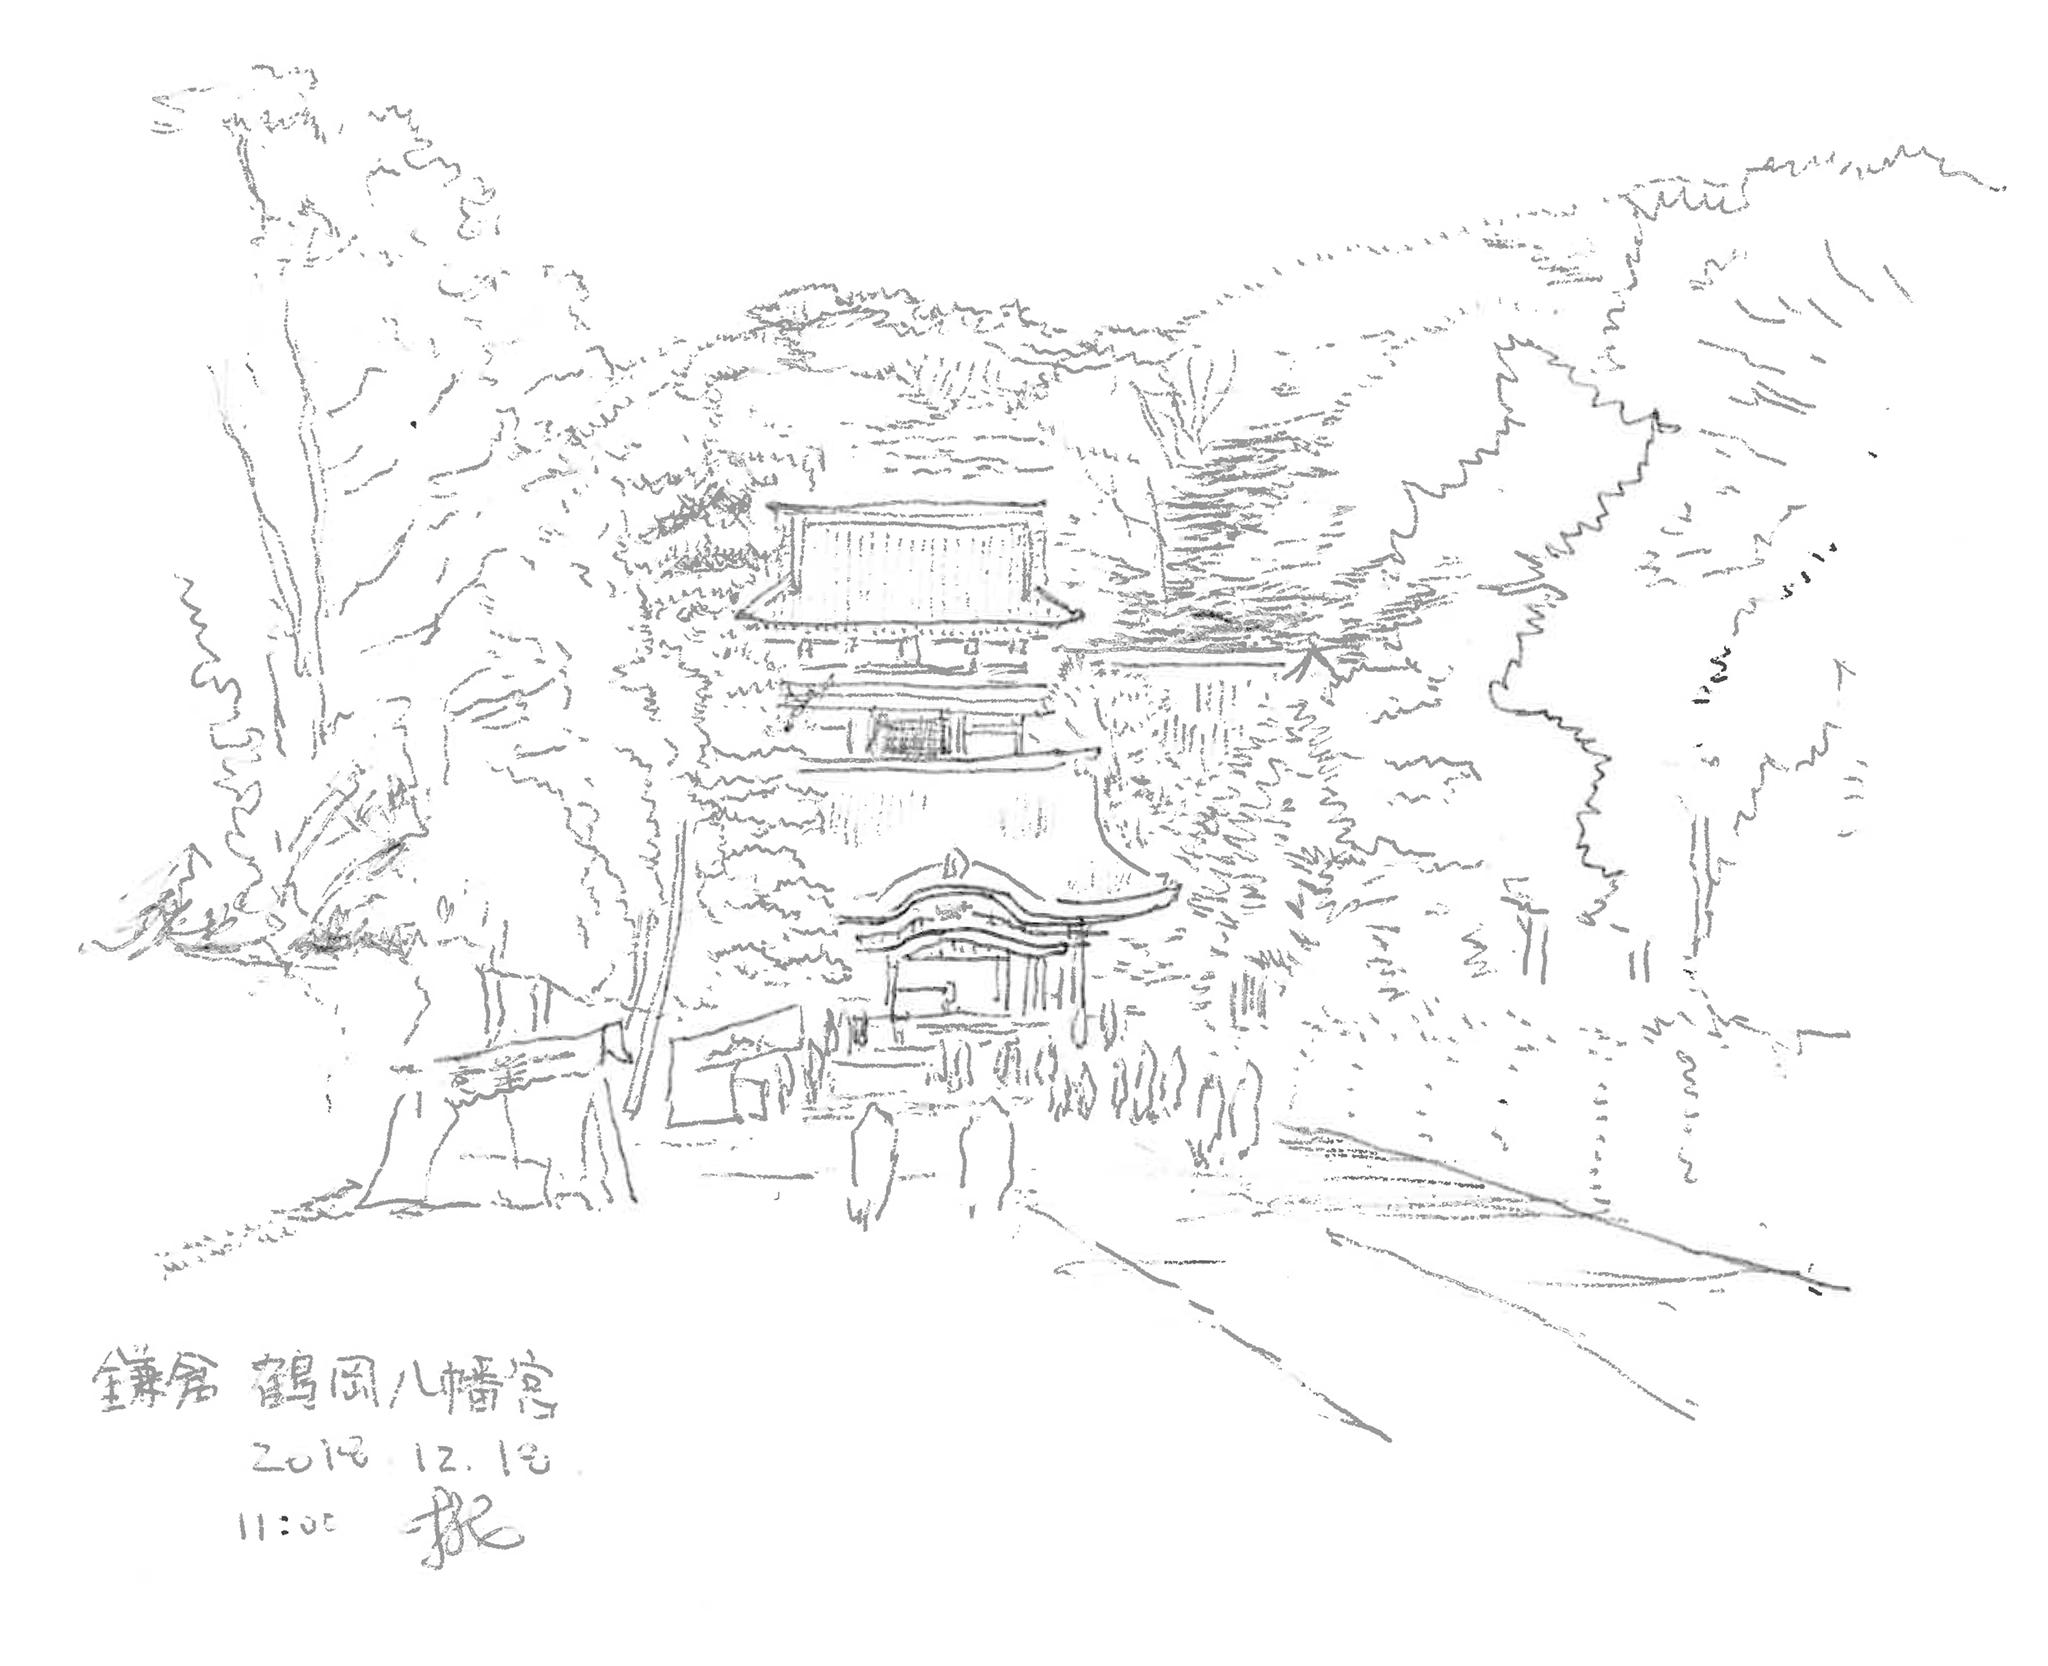 鶴岡八幡宮のスケッチ